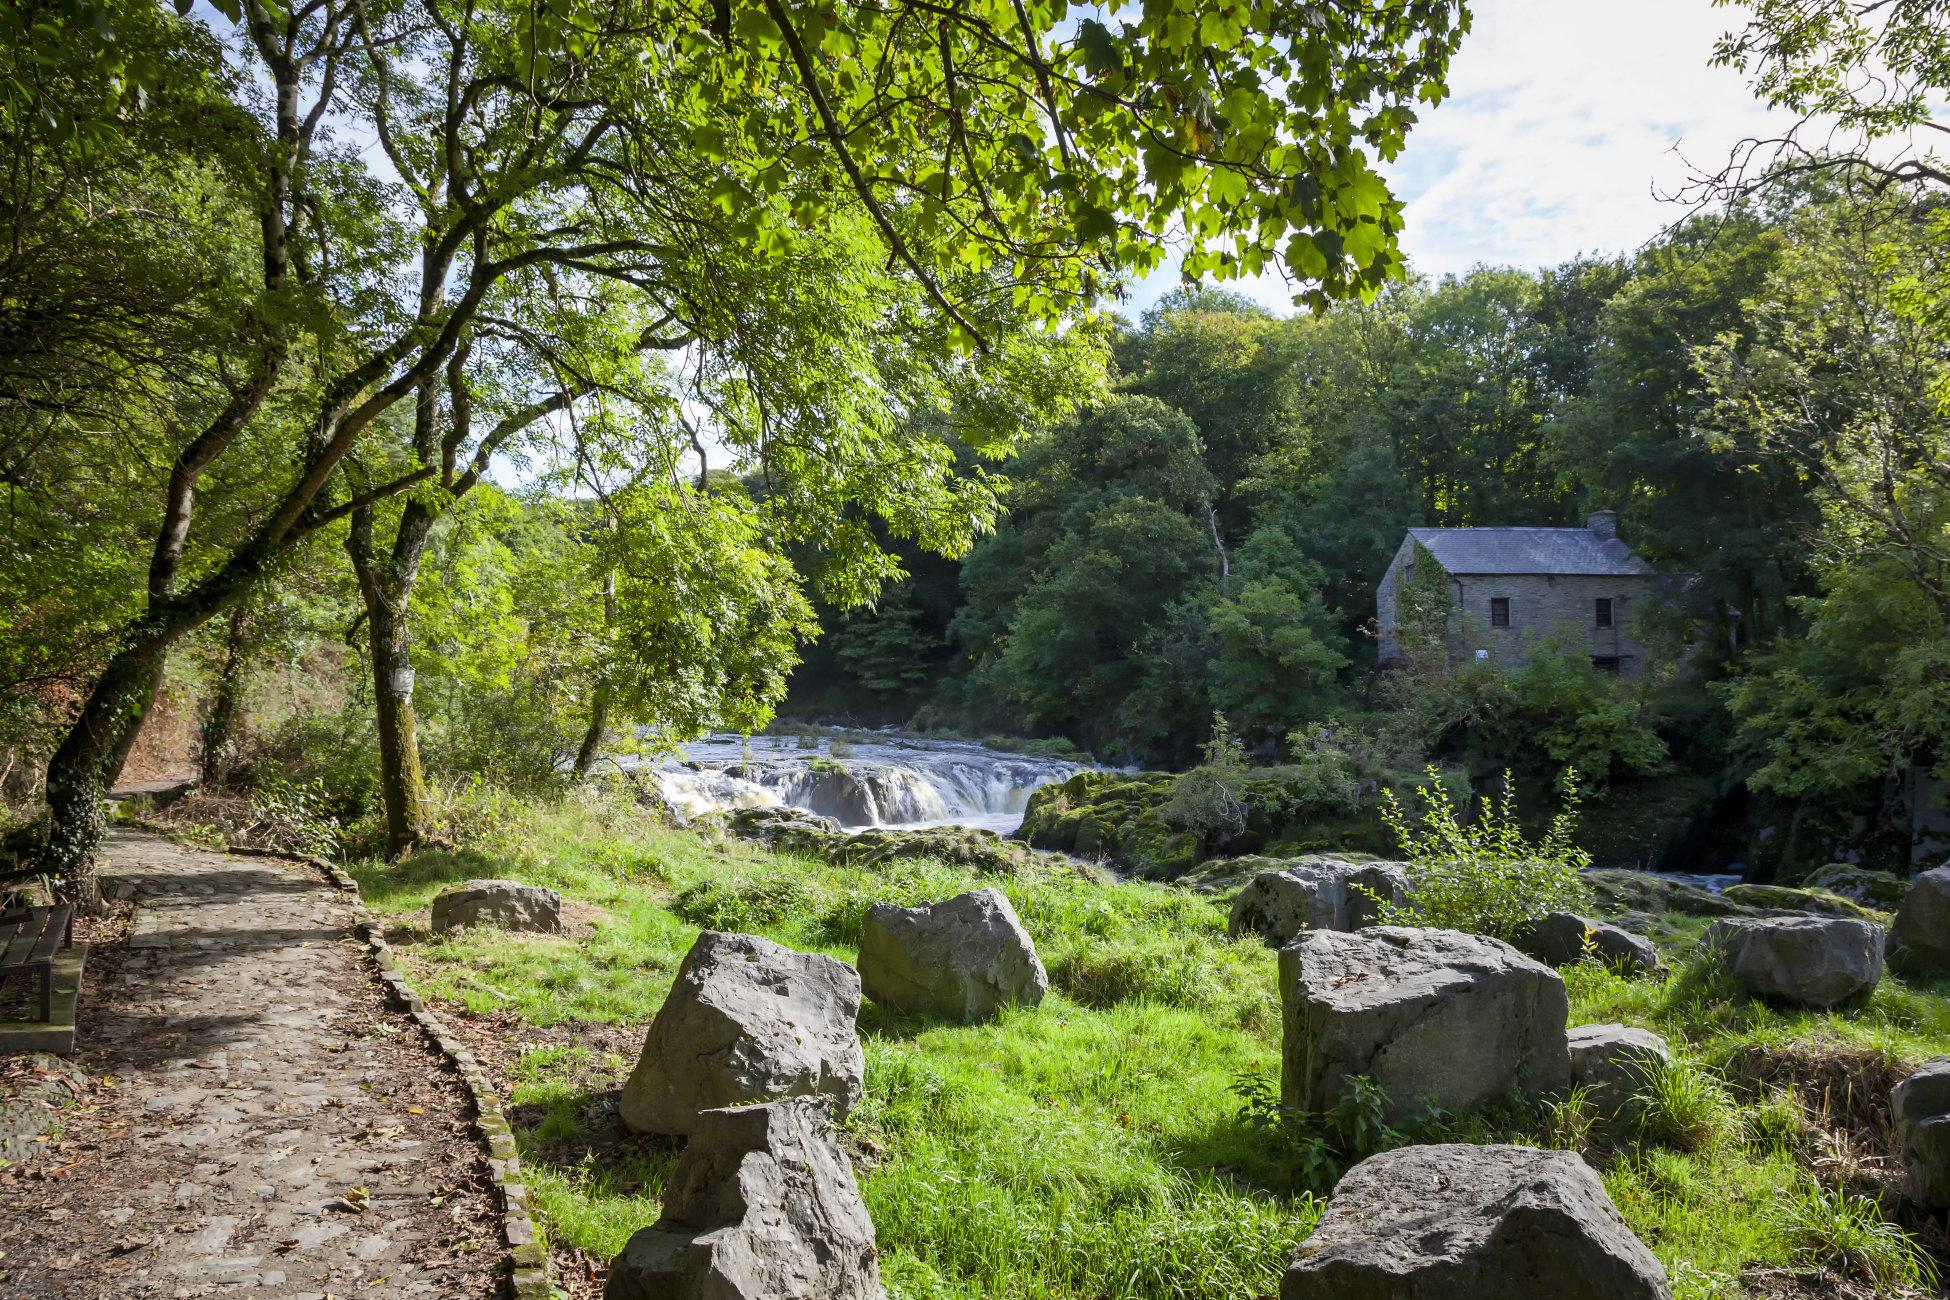 Cenarth Mill & Falls